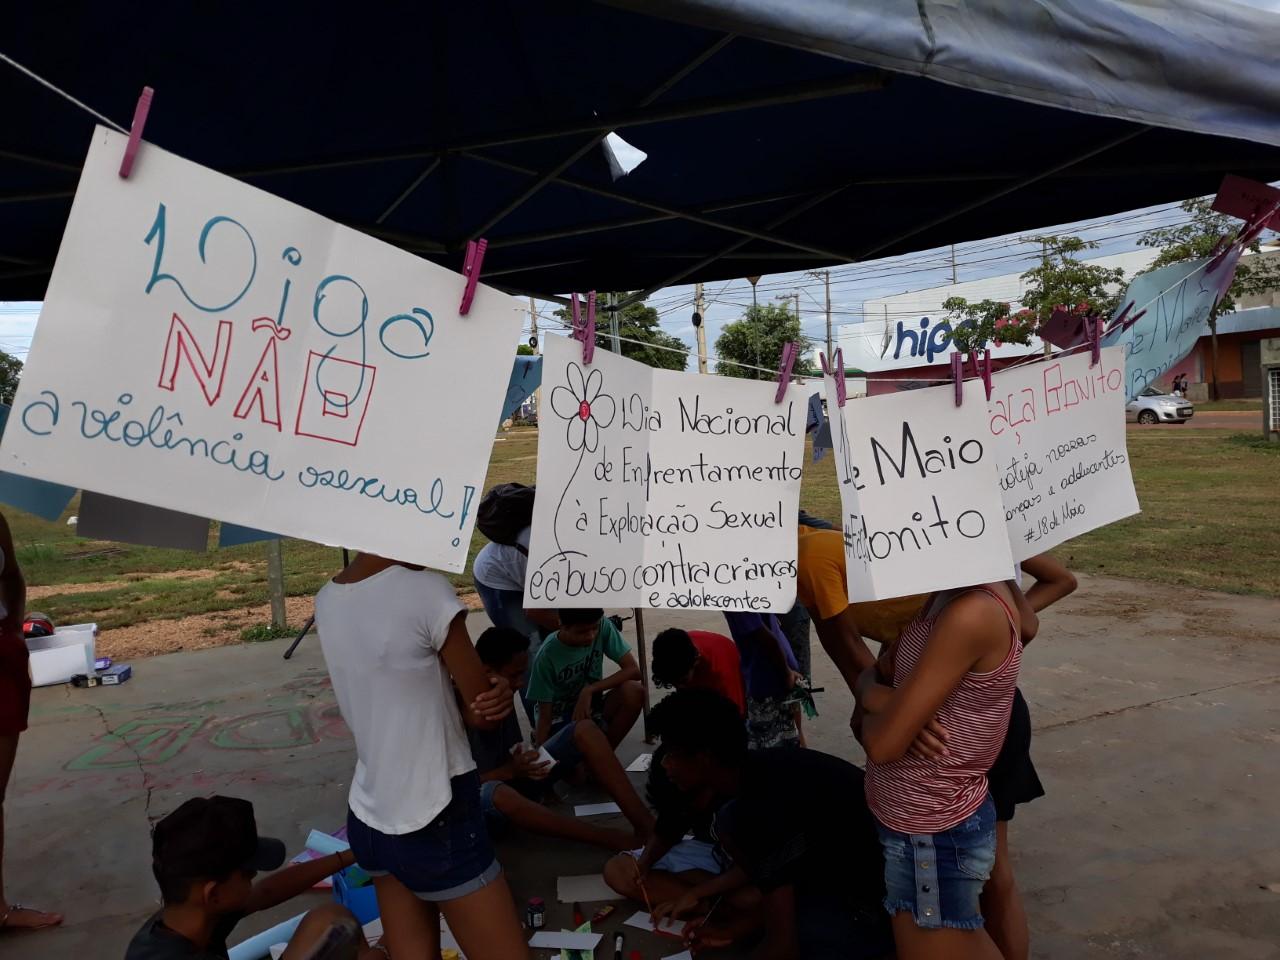 Adolescentes soltam pipas e dialogam sobre enfrentamento à violência sexual